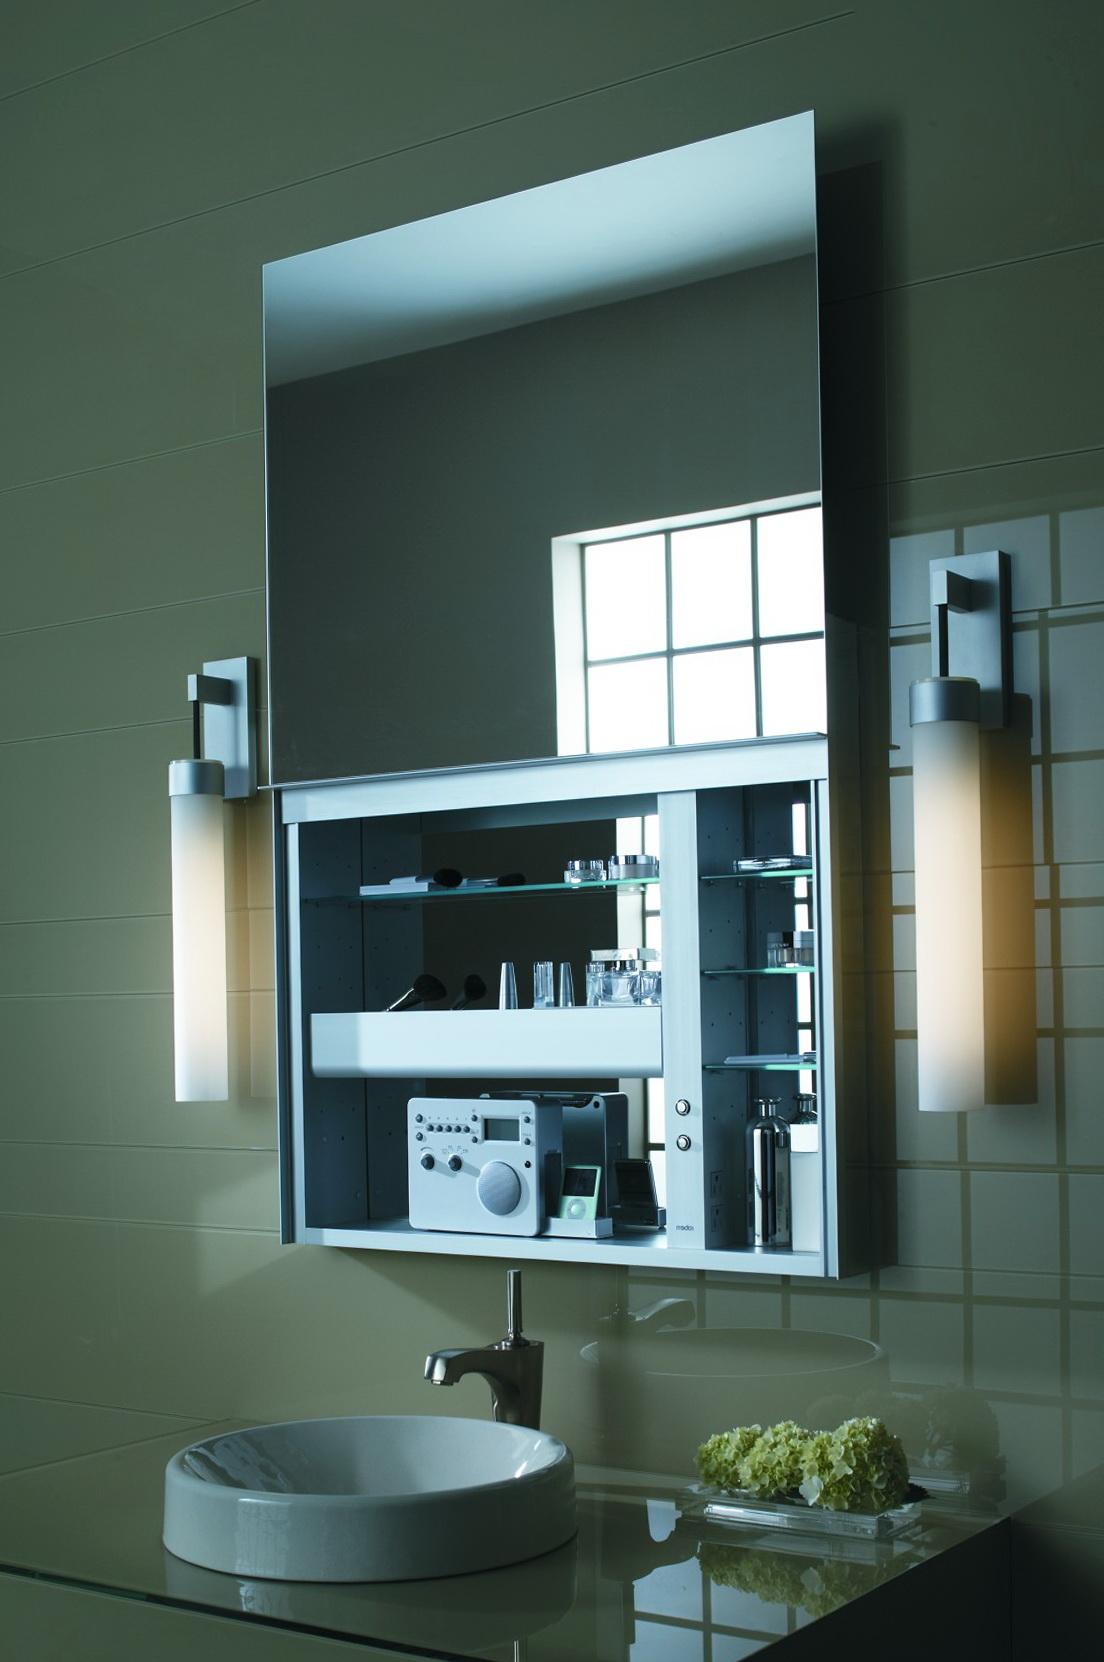 Ikea Medicine Cabinets Recessed